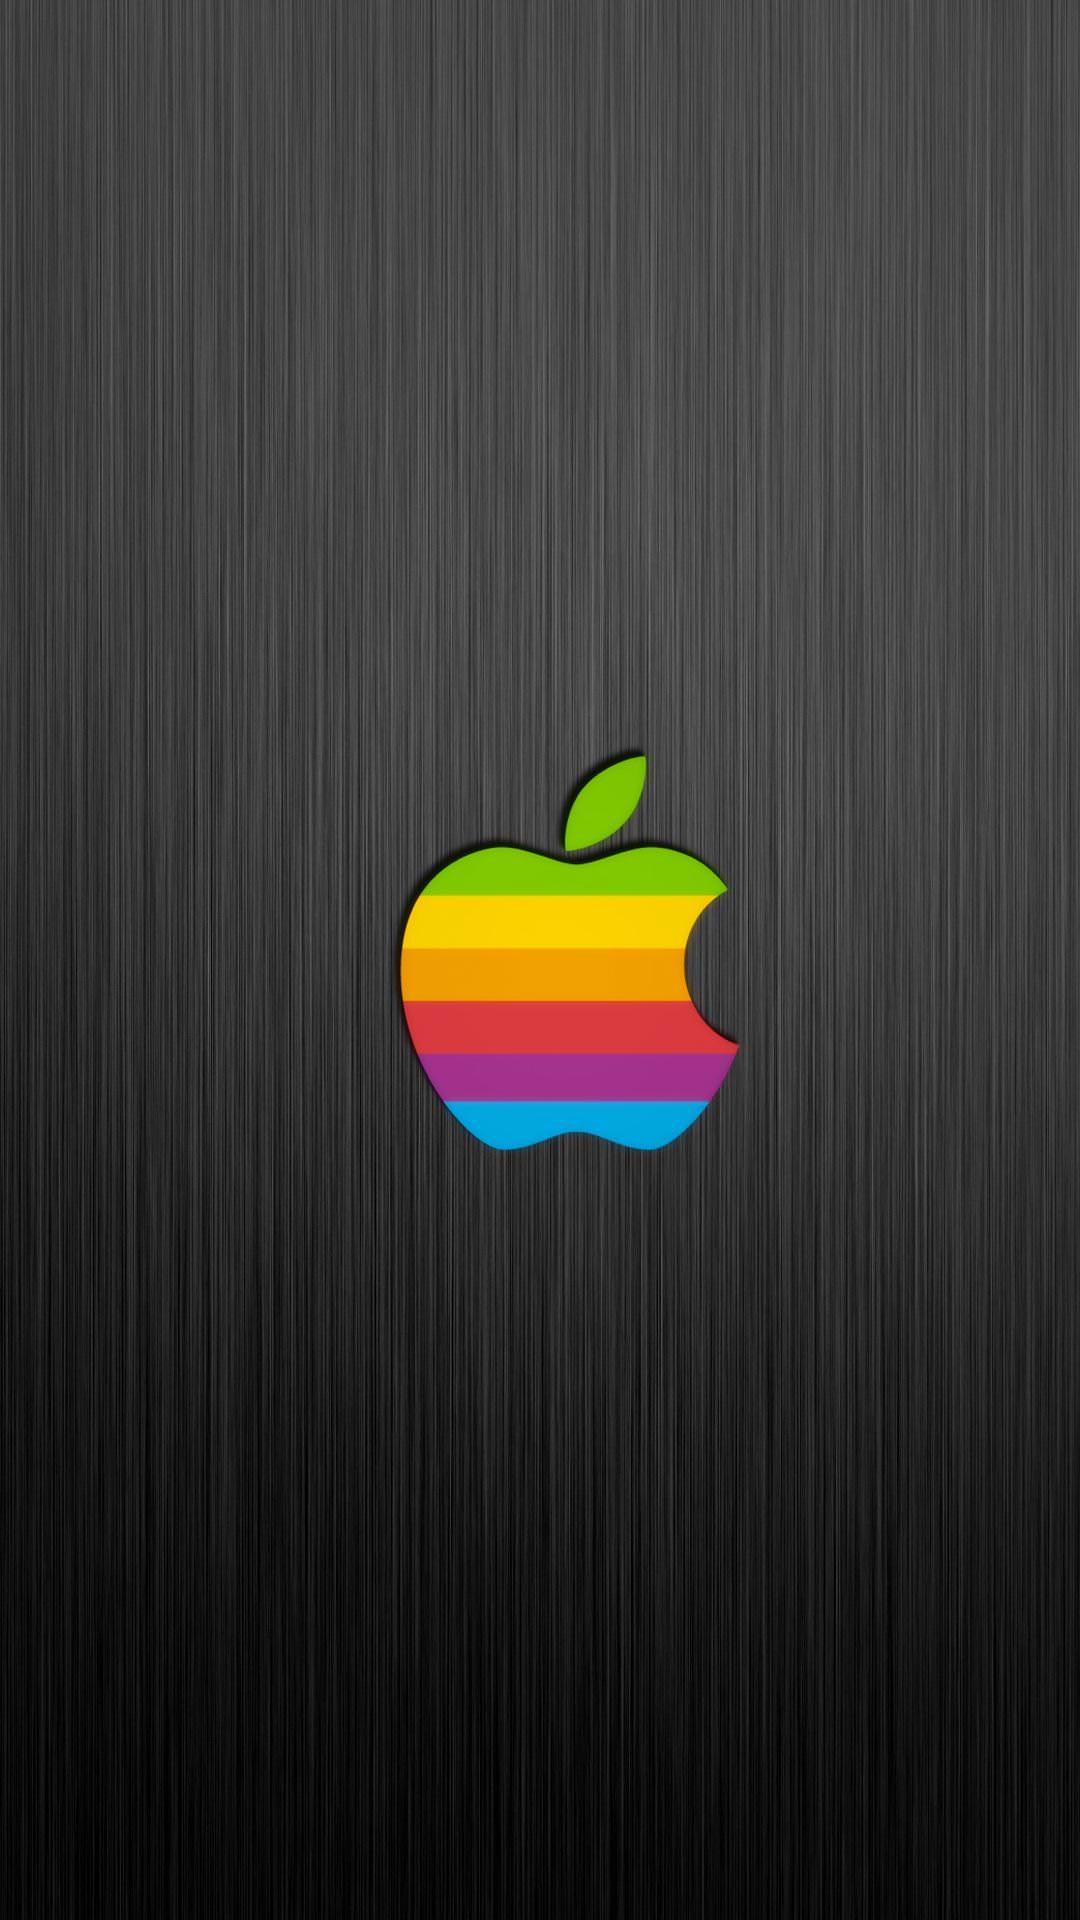 iPhone 8 Plus,7 Plus,6s Plus 壁紙 wallpaper 0830